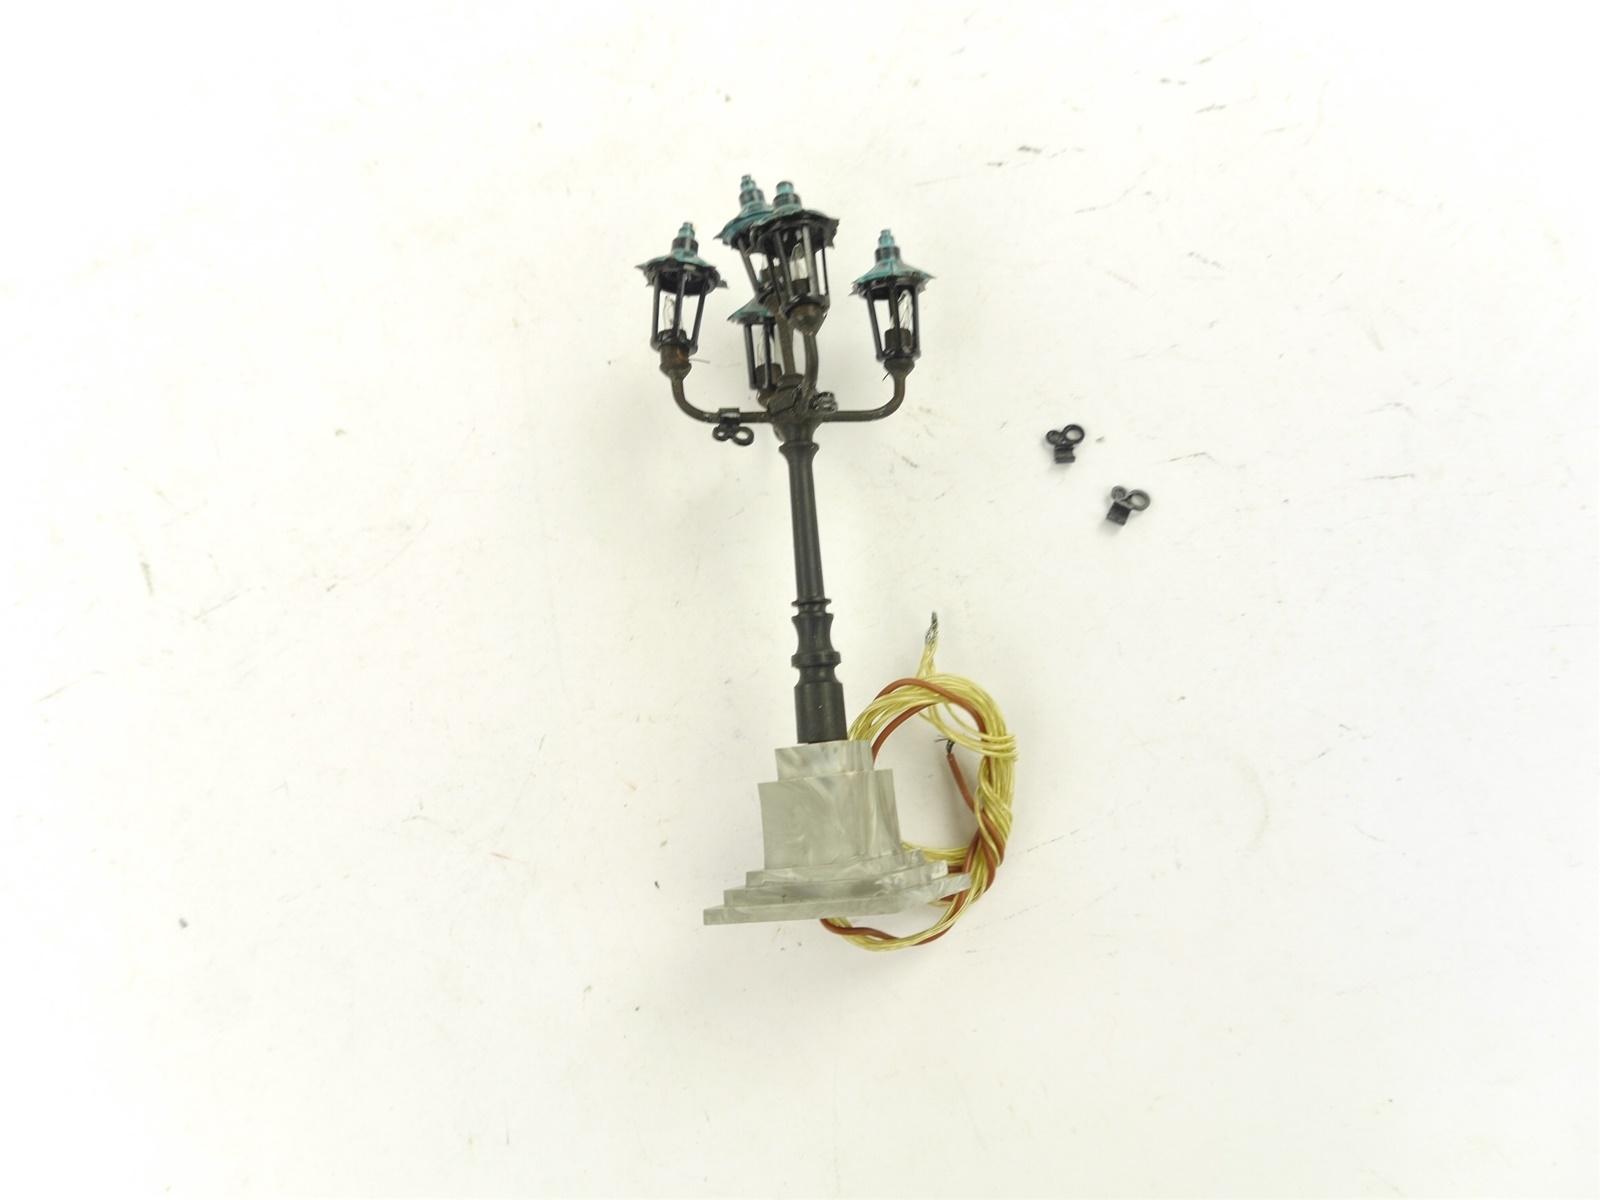 E135 Brawa H0 5171 Lampe Leuchte Schirmleuchte 5-armig / ca. 9 cm *geprüft*